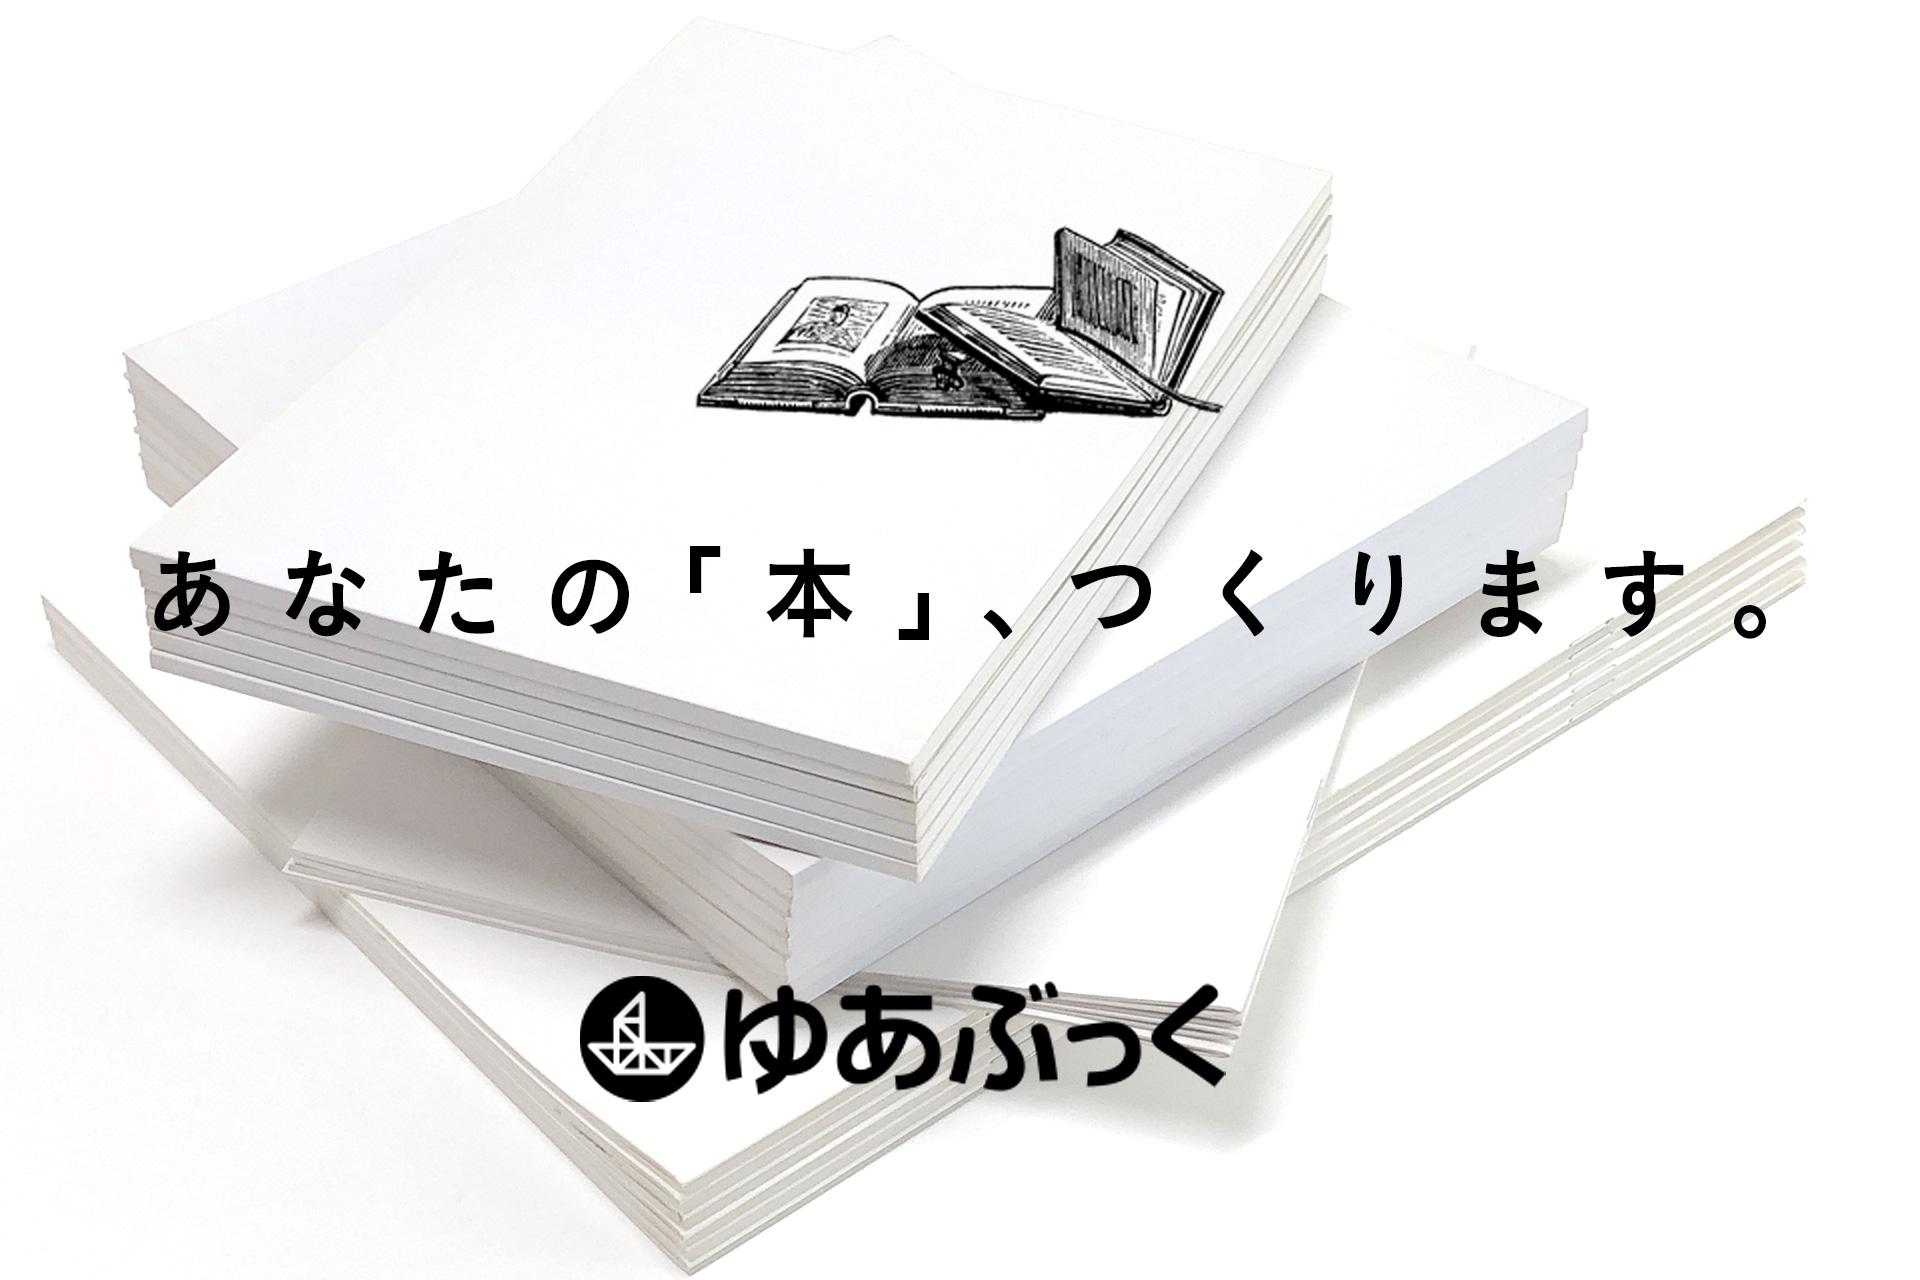 自費出版無料相談会のお知らせ